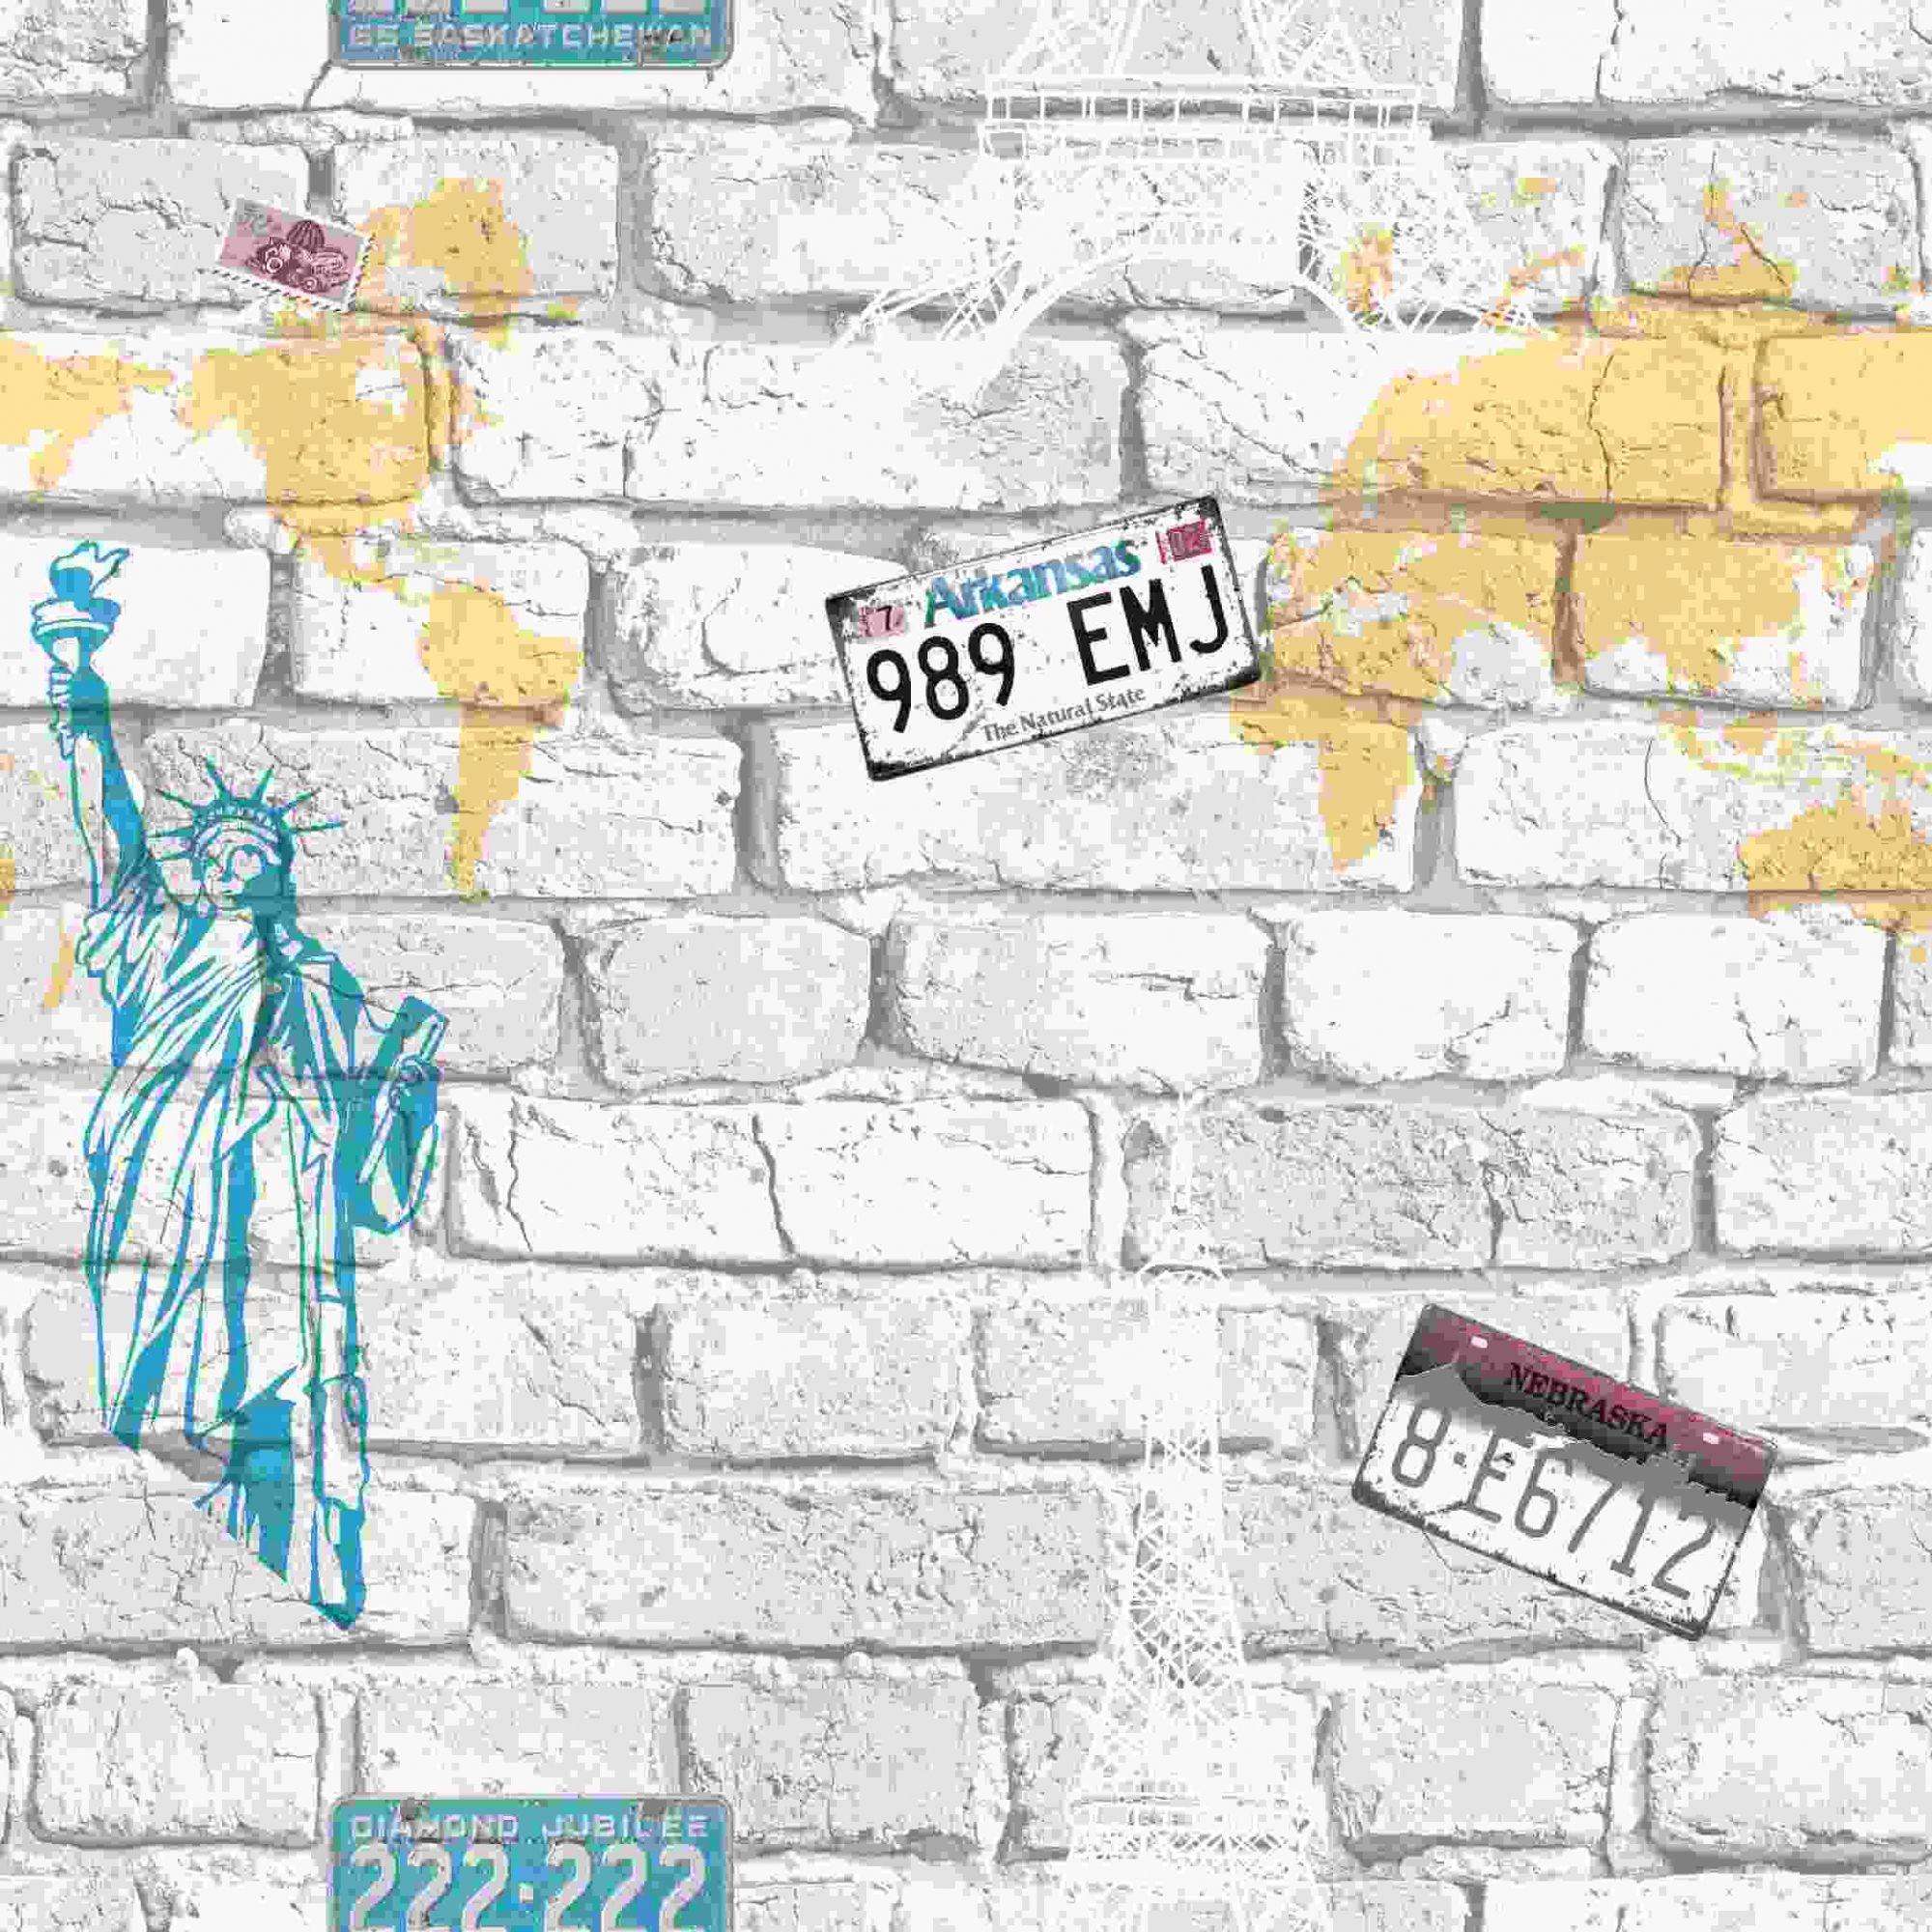 Papel de Parede Kan Tai Vinílico Coleção Neonature 5 Tijolo Cidades Creme